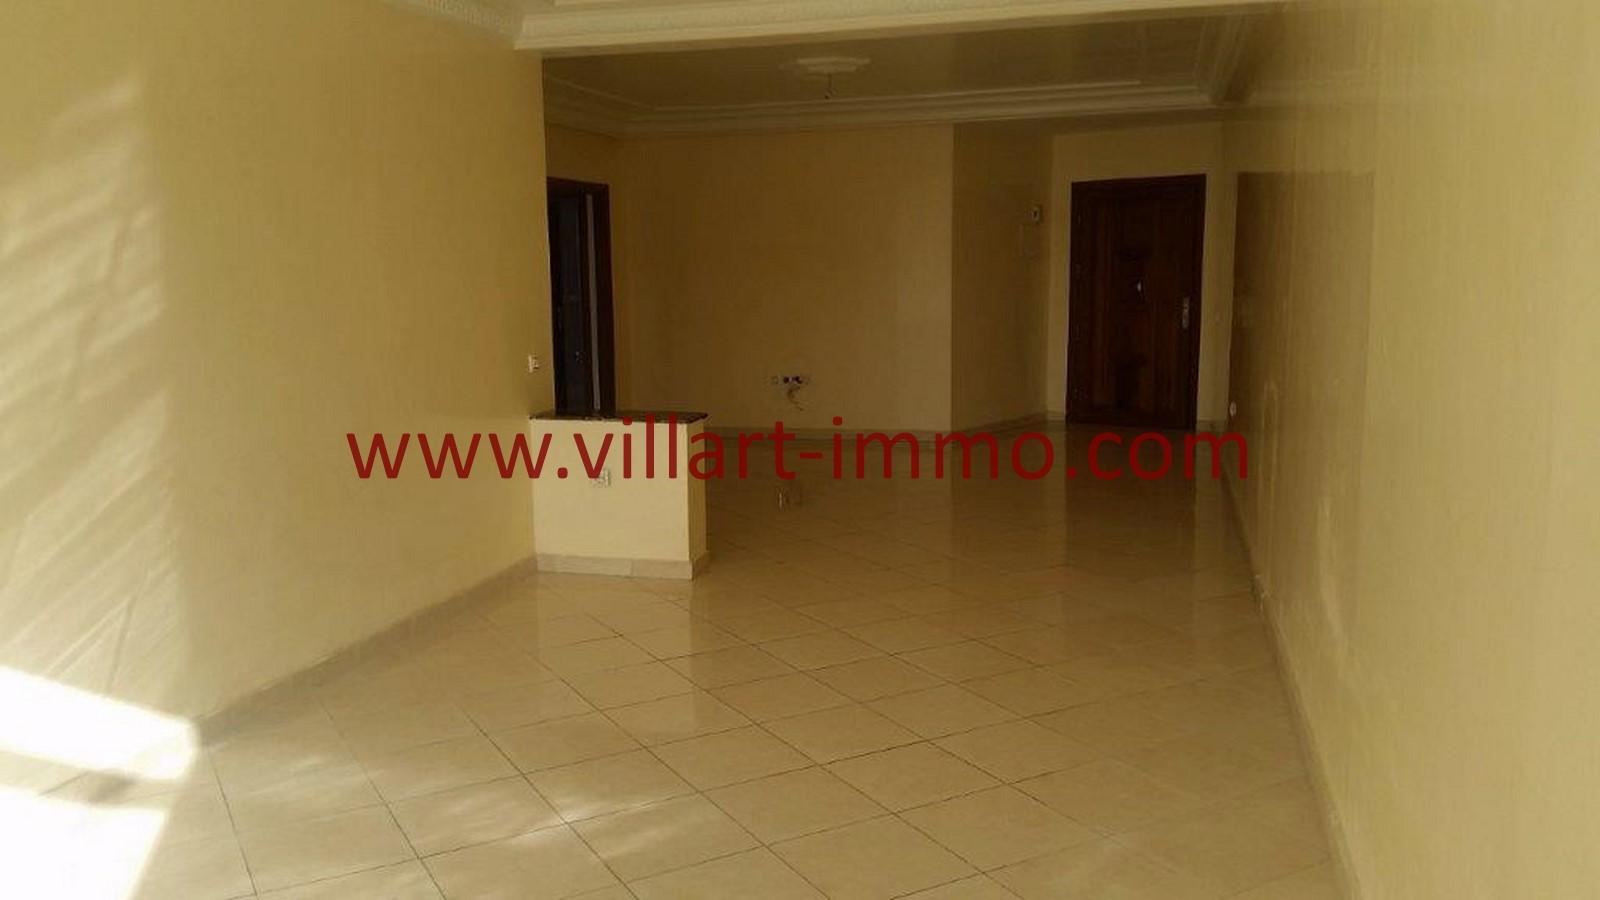 3-A louer-Tanger-Appartement-Non meublée-Centre ville-Salon-L1029